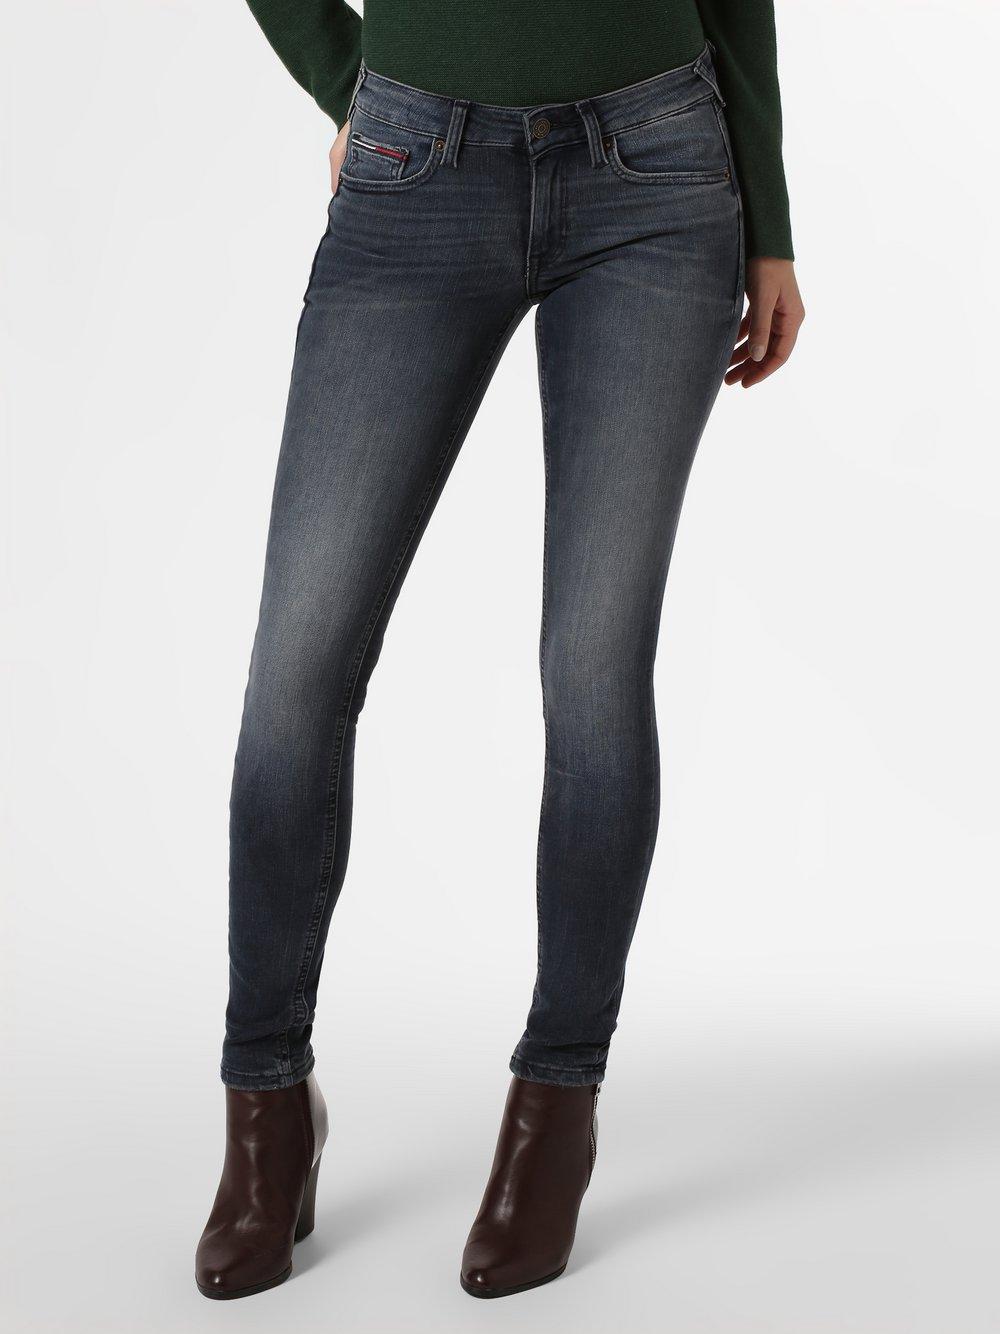 Tommy Jeans - Jeansy damskie – Sophie, niebieski